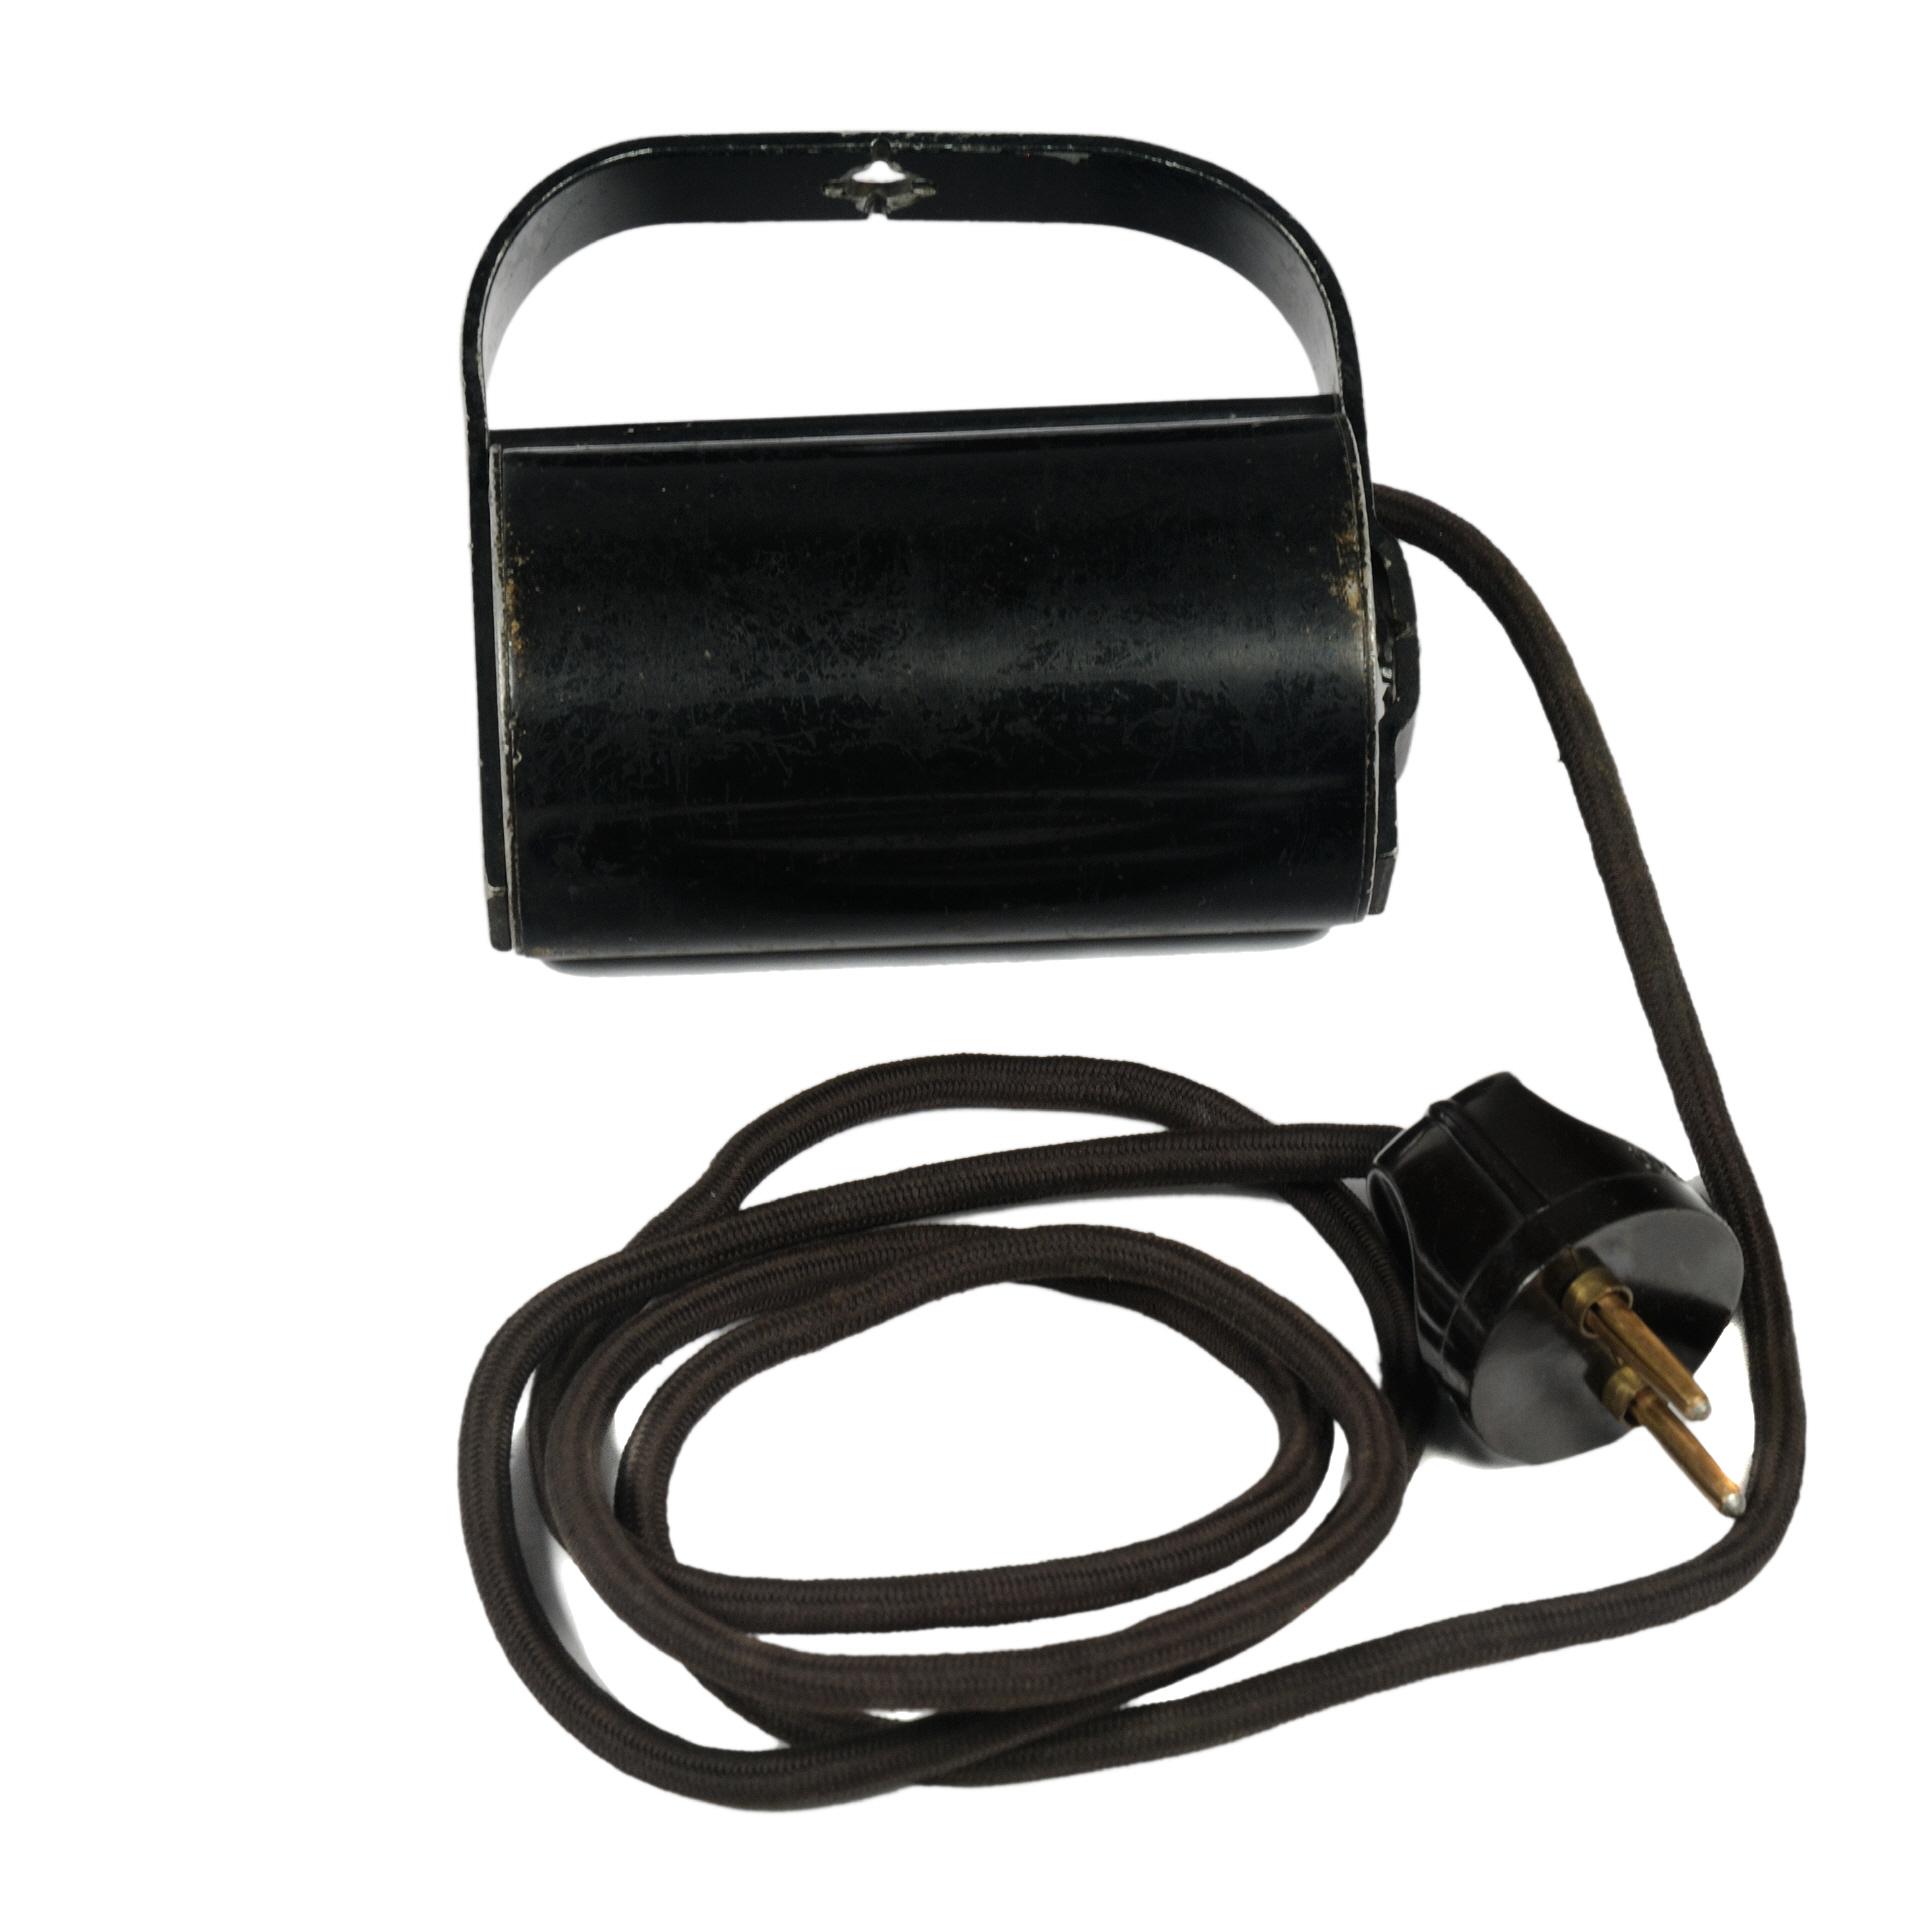 sammlung historischer messtechnik - [00873] kabelsucher rel verst